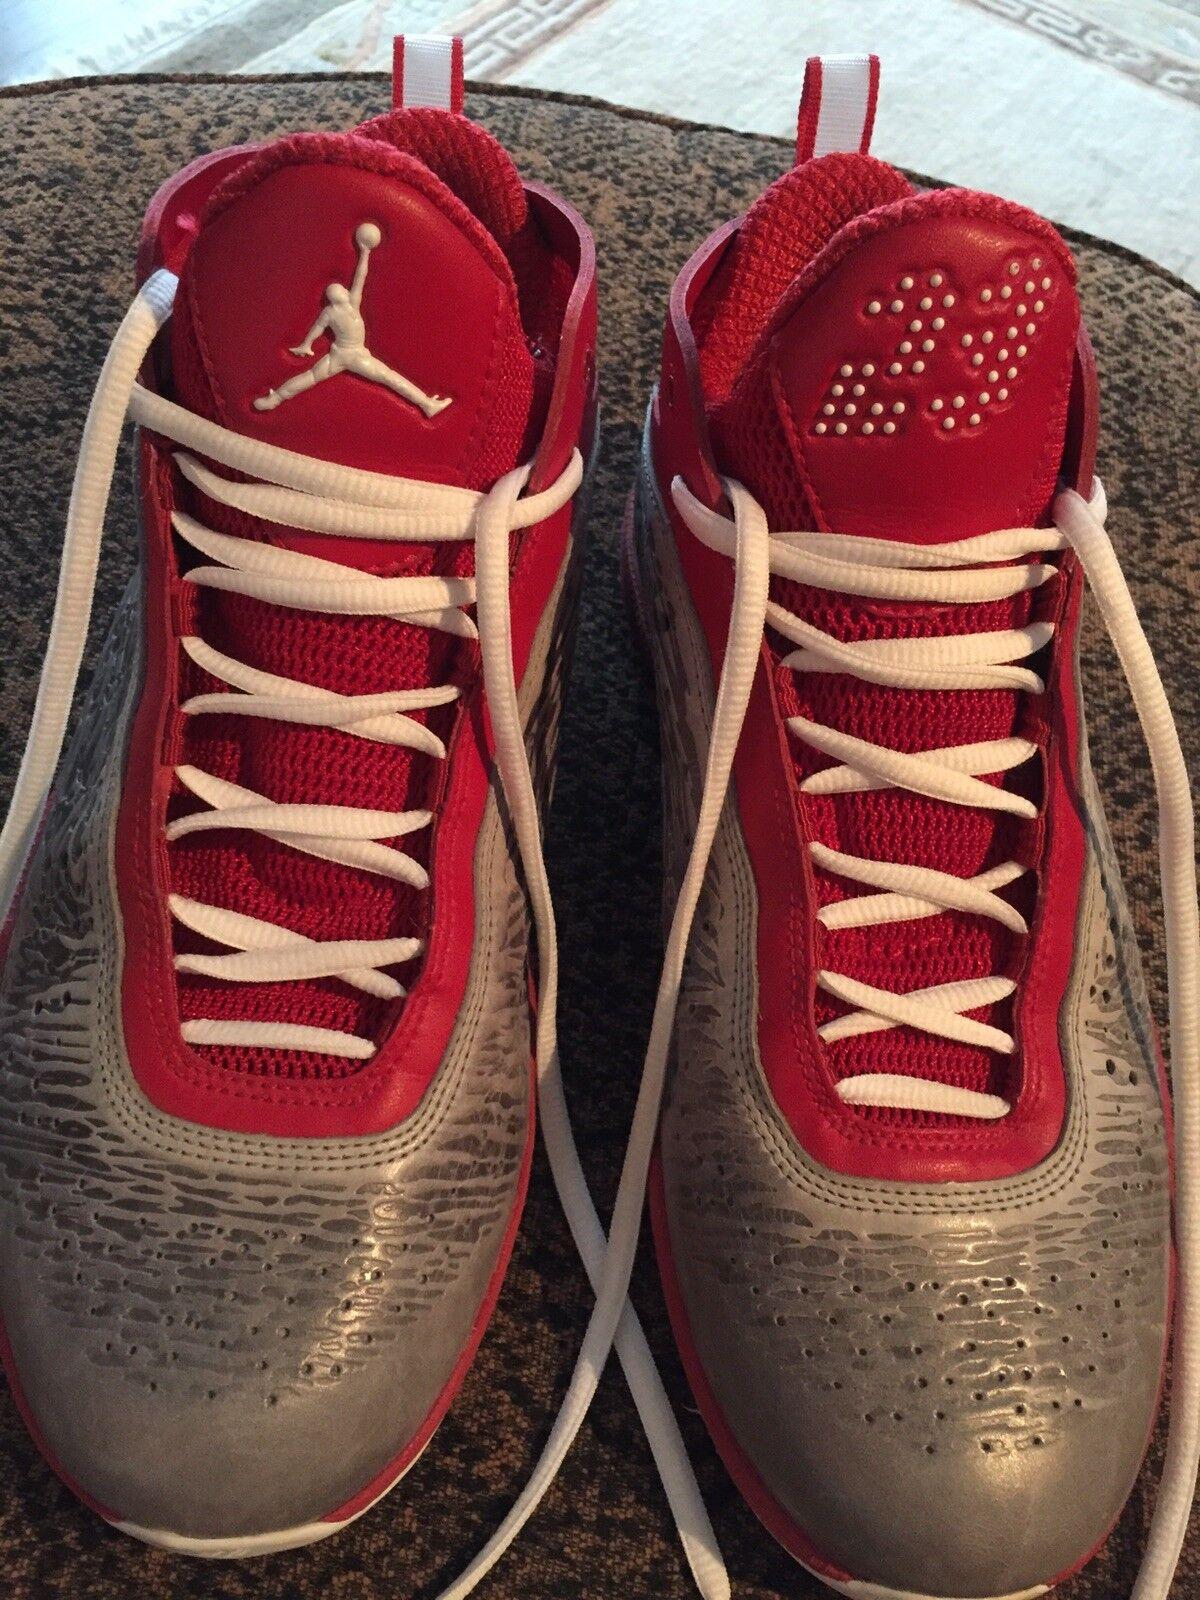 cheaper a7344 472eb Nike Air Jordan 1x getragen nqqylb2899-Sneaker